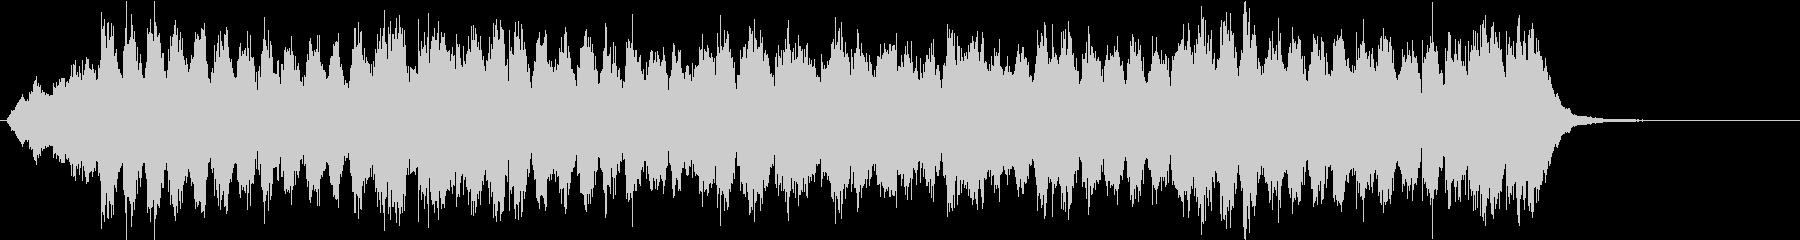 ベートーヴェン第九「歓喜の歌」コーラス有の未再生の波形